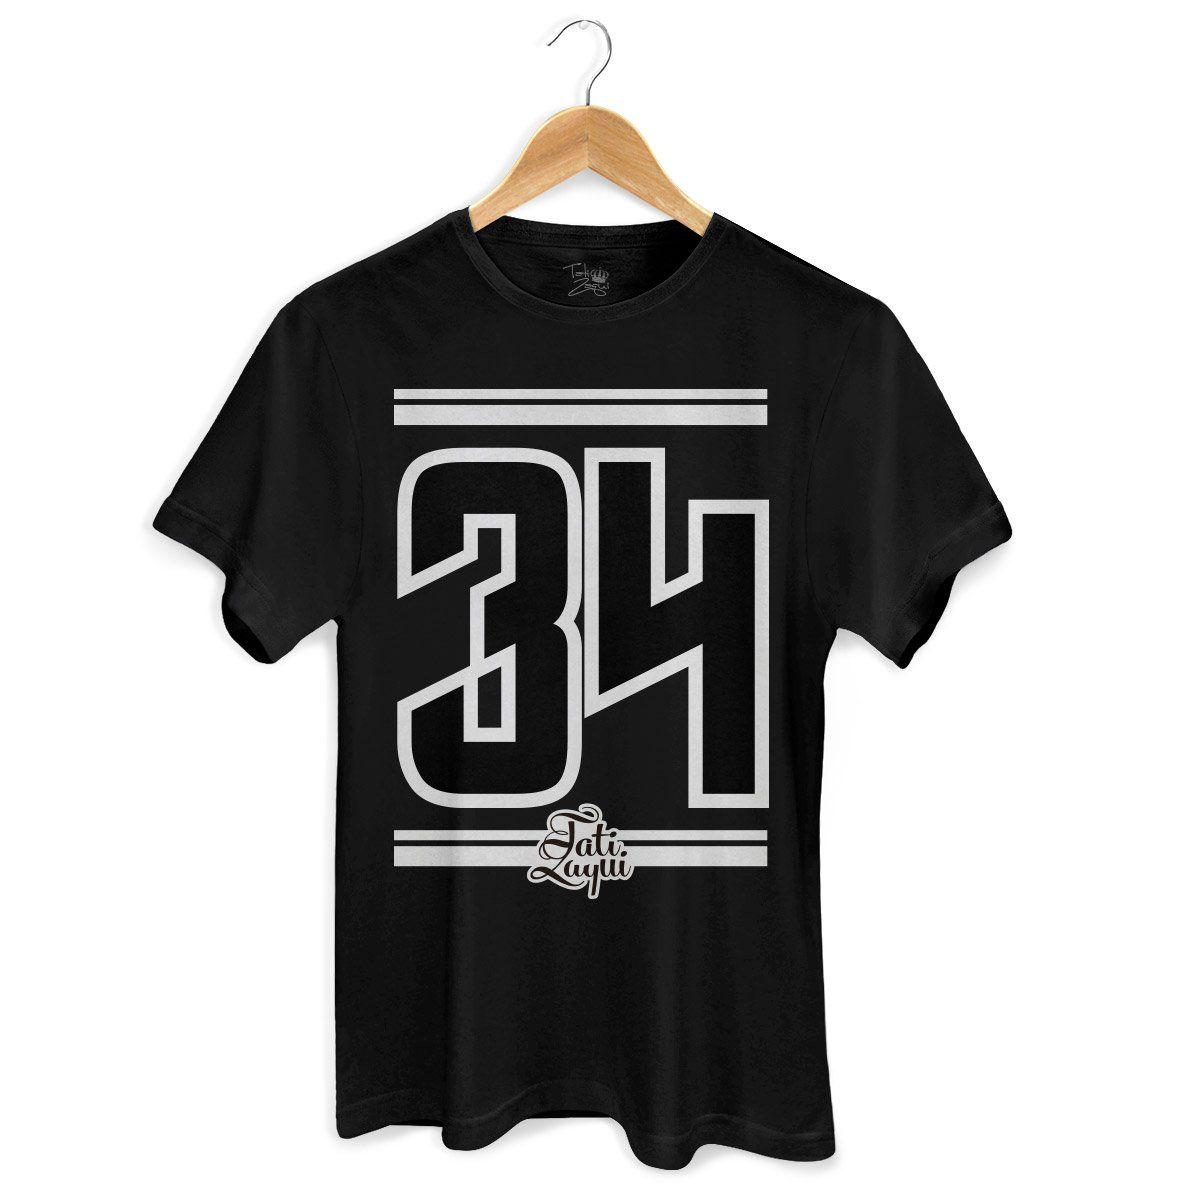 Camiseta Masculina MC Tati Zaqui 34 P&B  - bandUP Store Marketplace